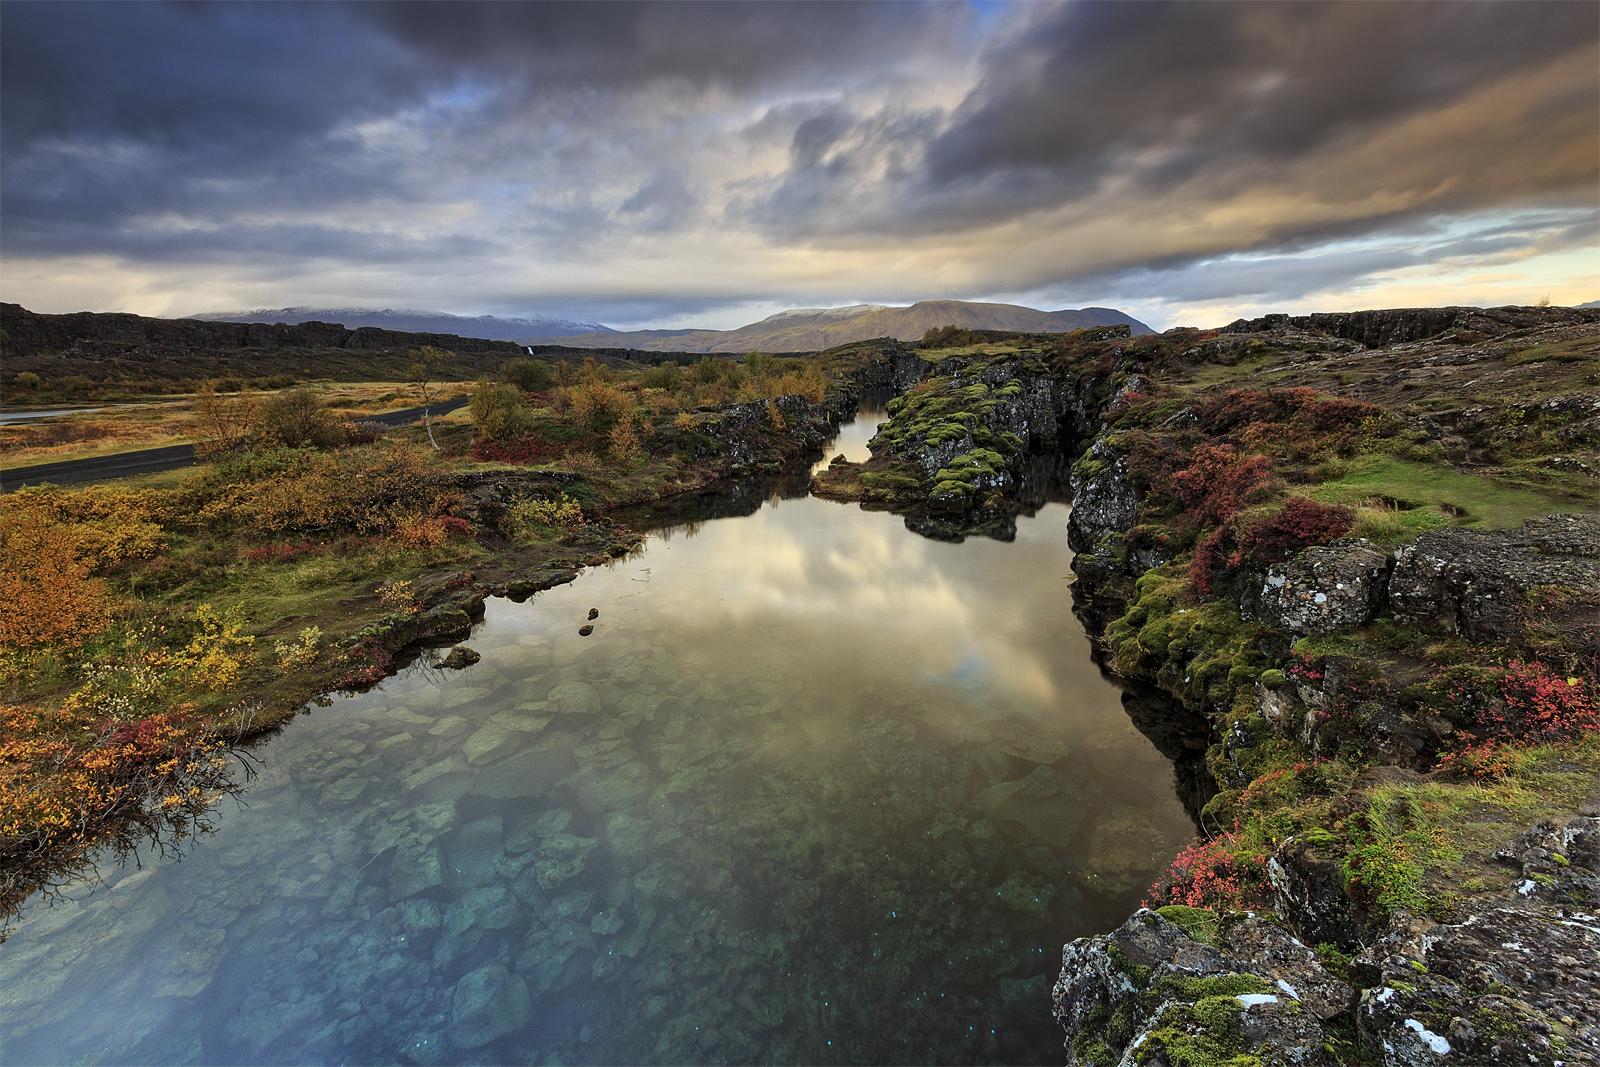 辛格维利尔国家公园(Þingvellir)是两大地质板块相遇的地方